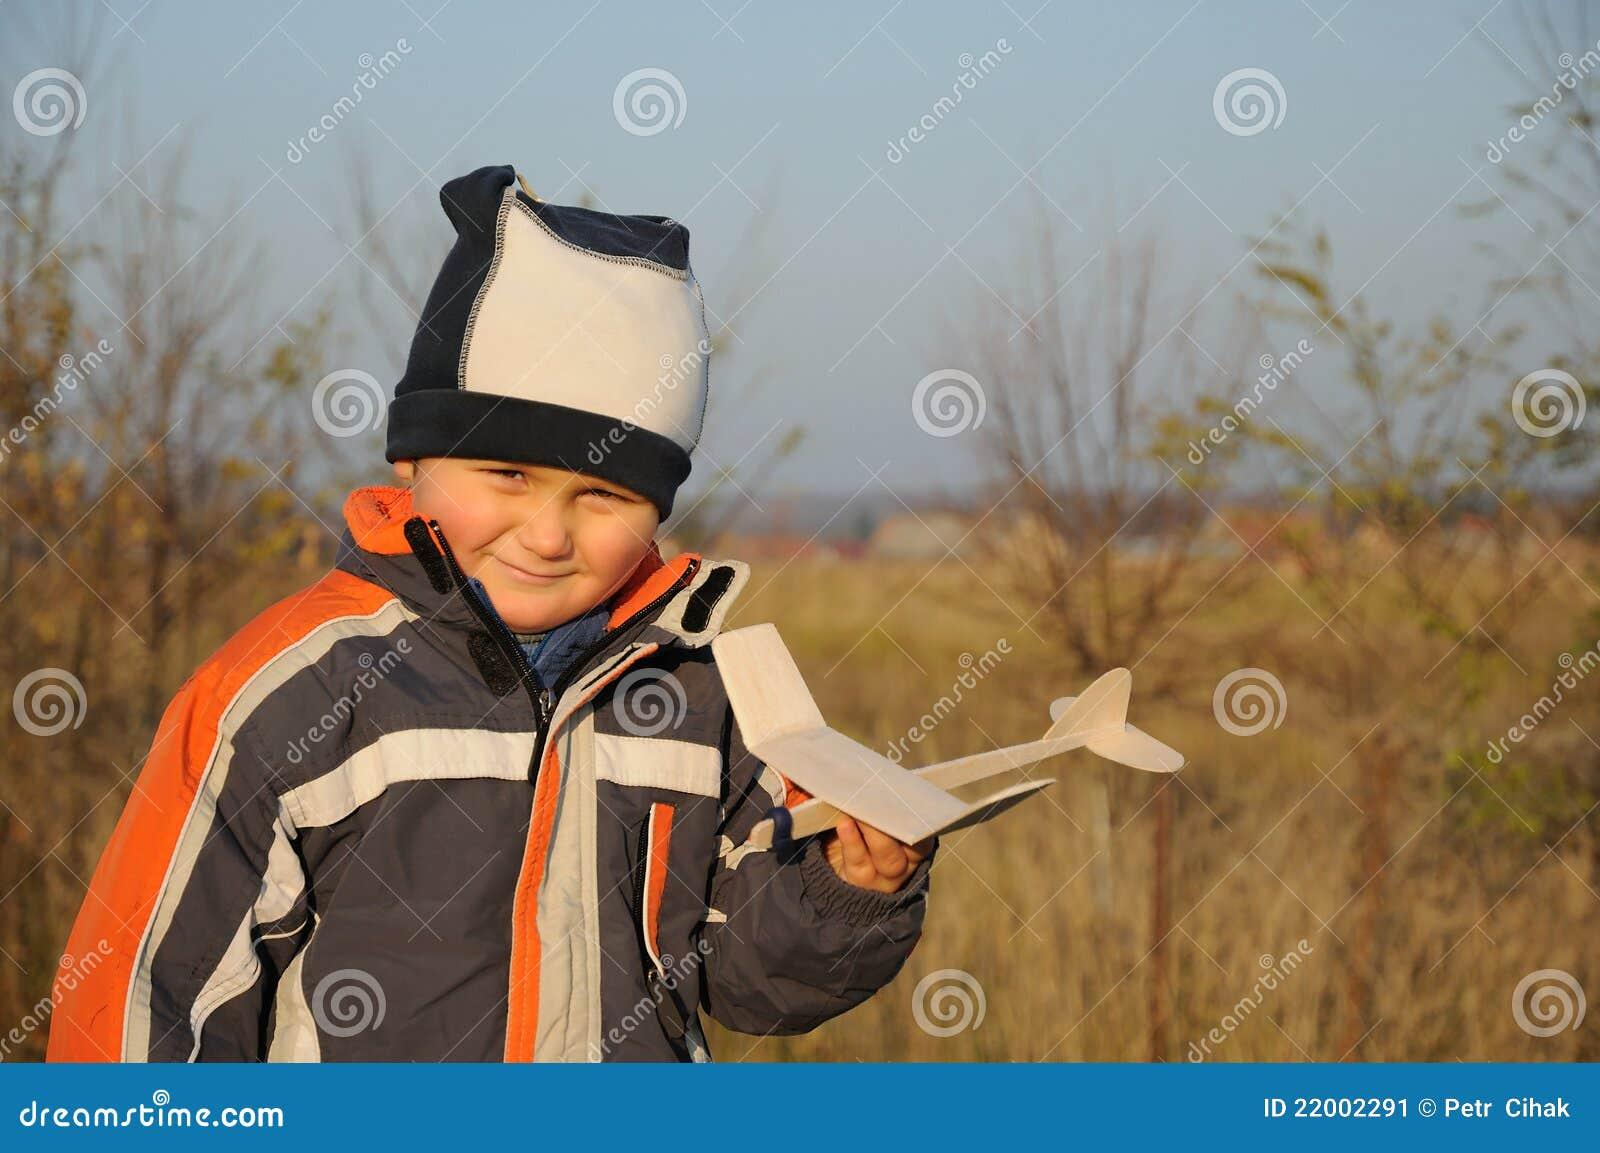 Little child holding plane model